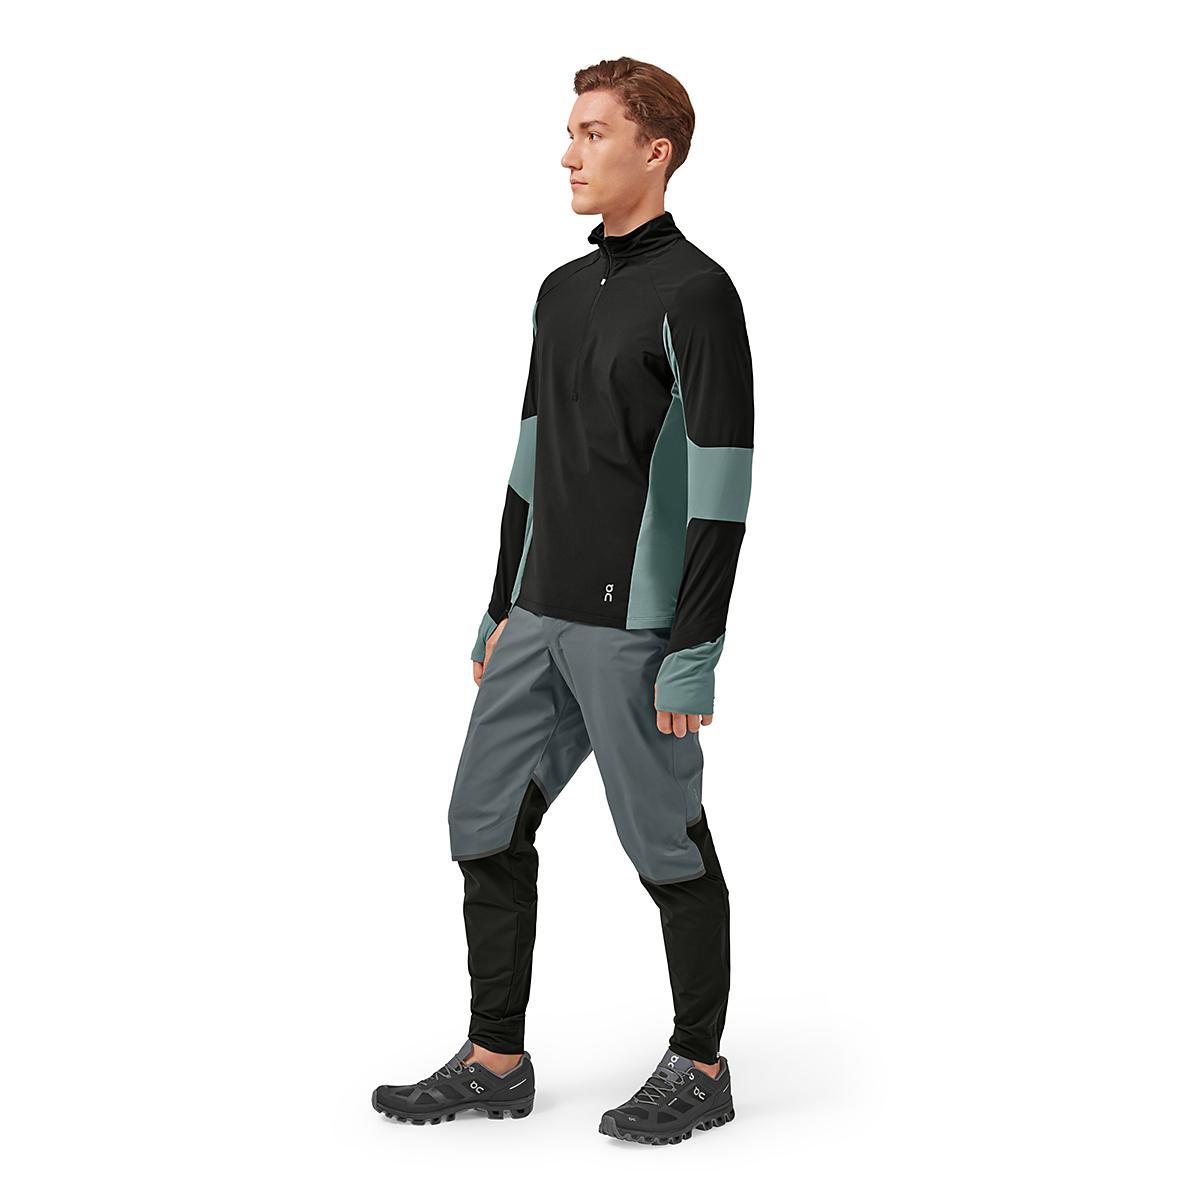 Men's On Trail Breaker Long Sleeve Quarter Zip Pullover - Color: Black/Olive - Size: XS, Black/Olive, large, image 4